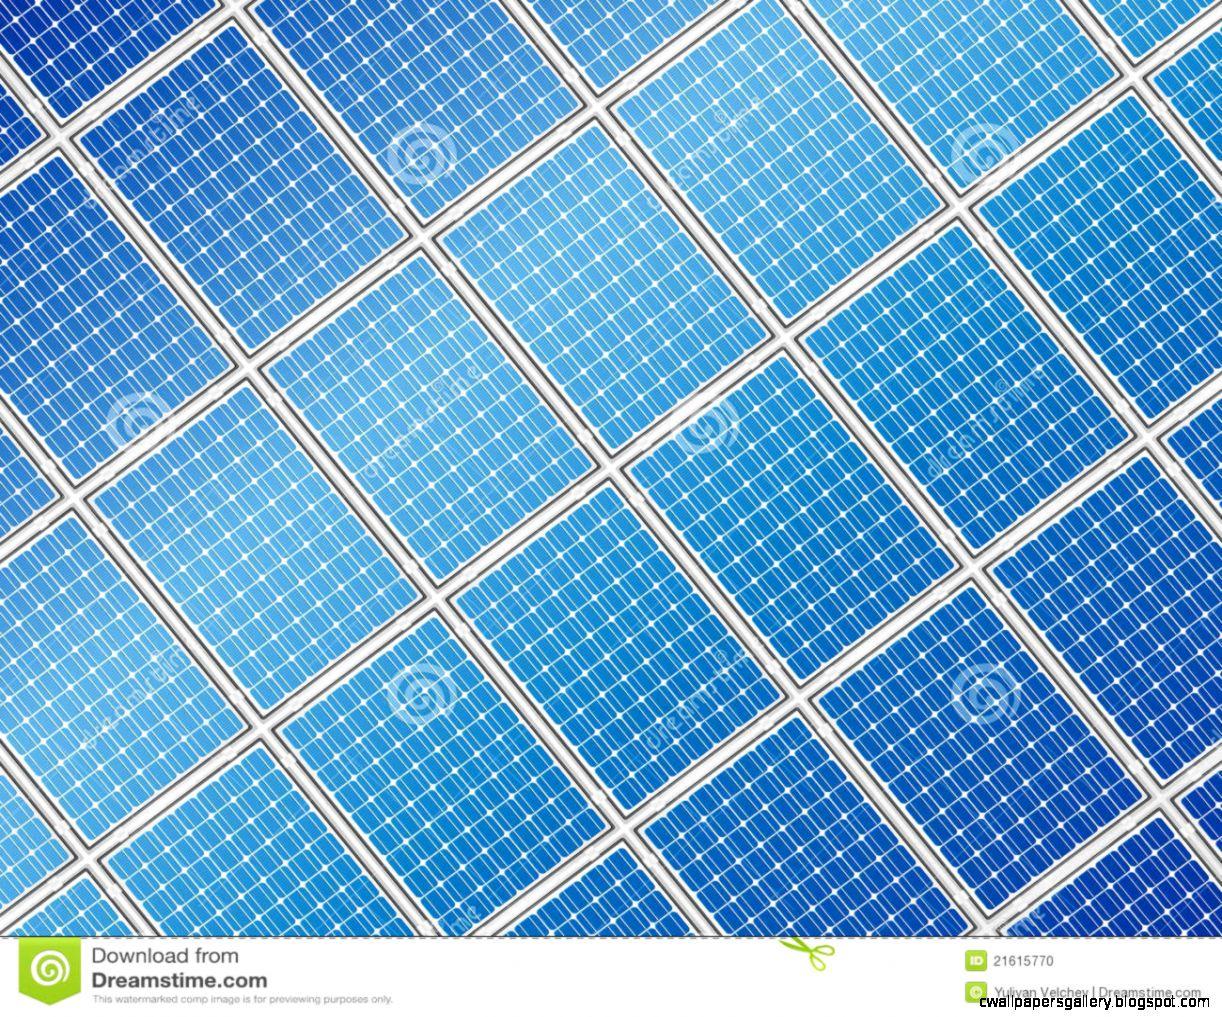 Solar Panel Background Stock Photo   Image 21615770